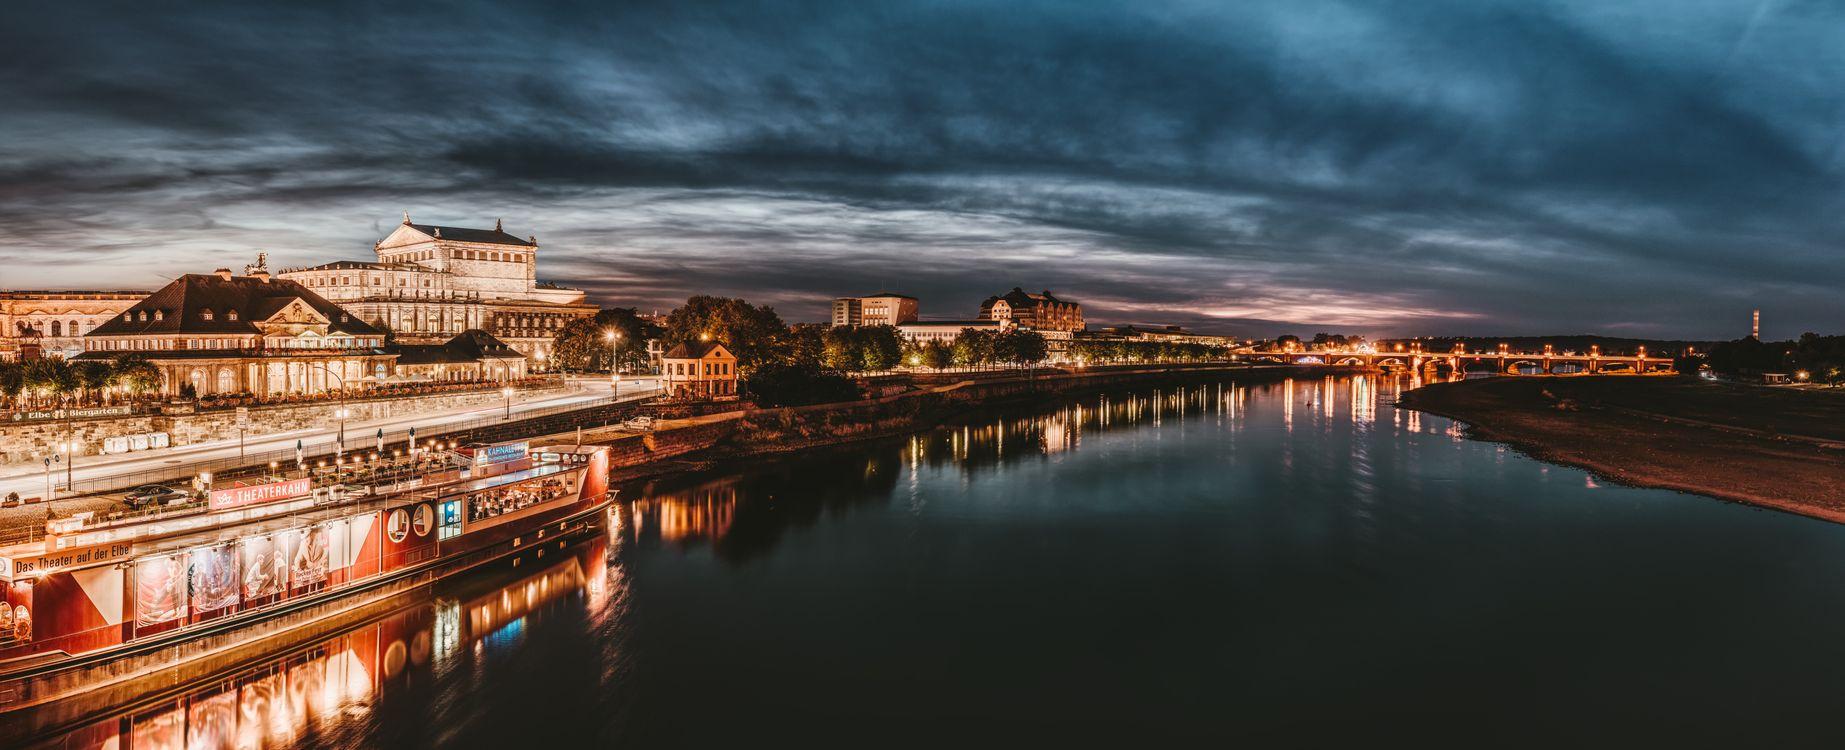 Фото бесплатно Дрезден, ручей, ночной город - на рабочий стол